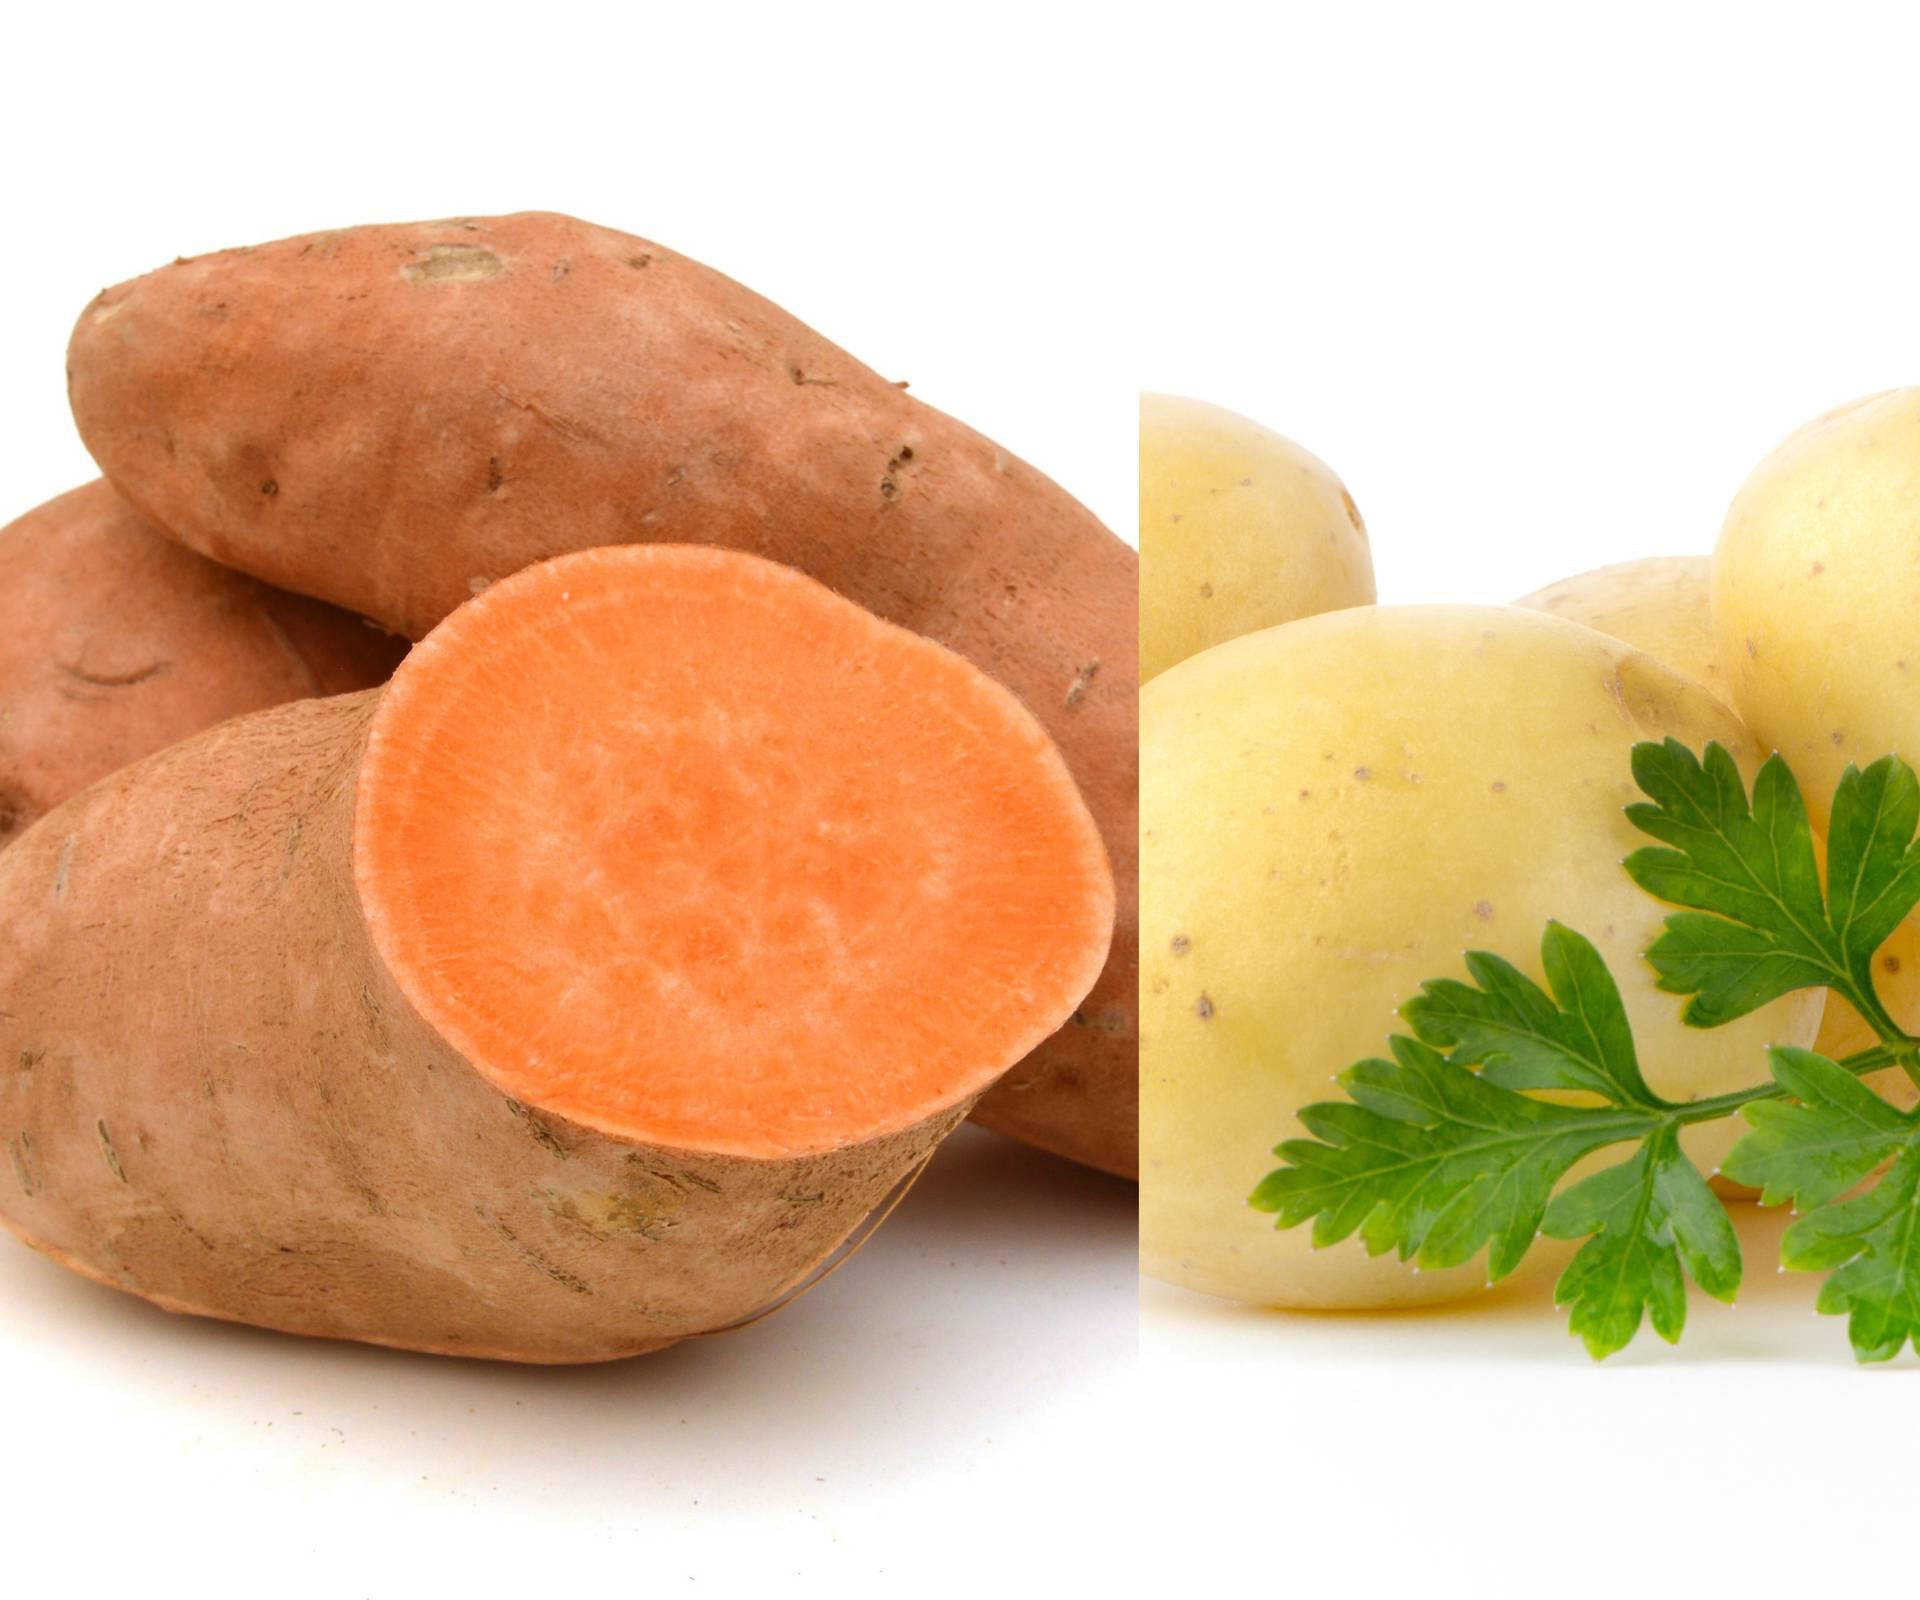 Batat je dobar kod dijabetesa, krumpir pospješuje mršavljenje